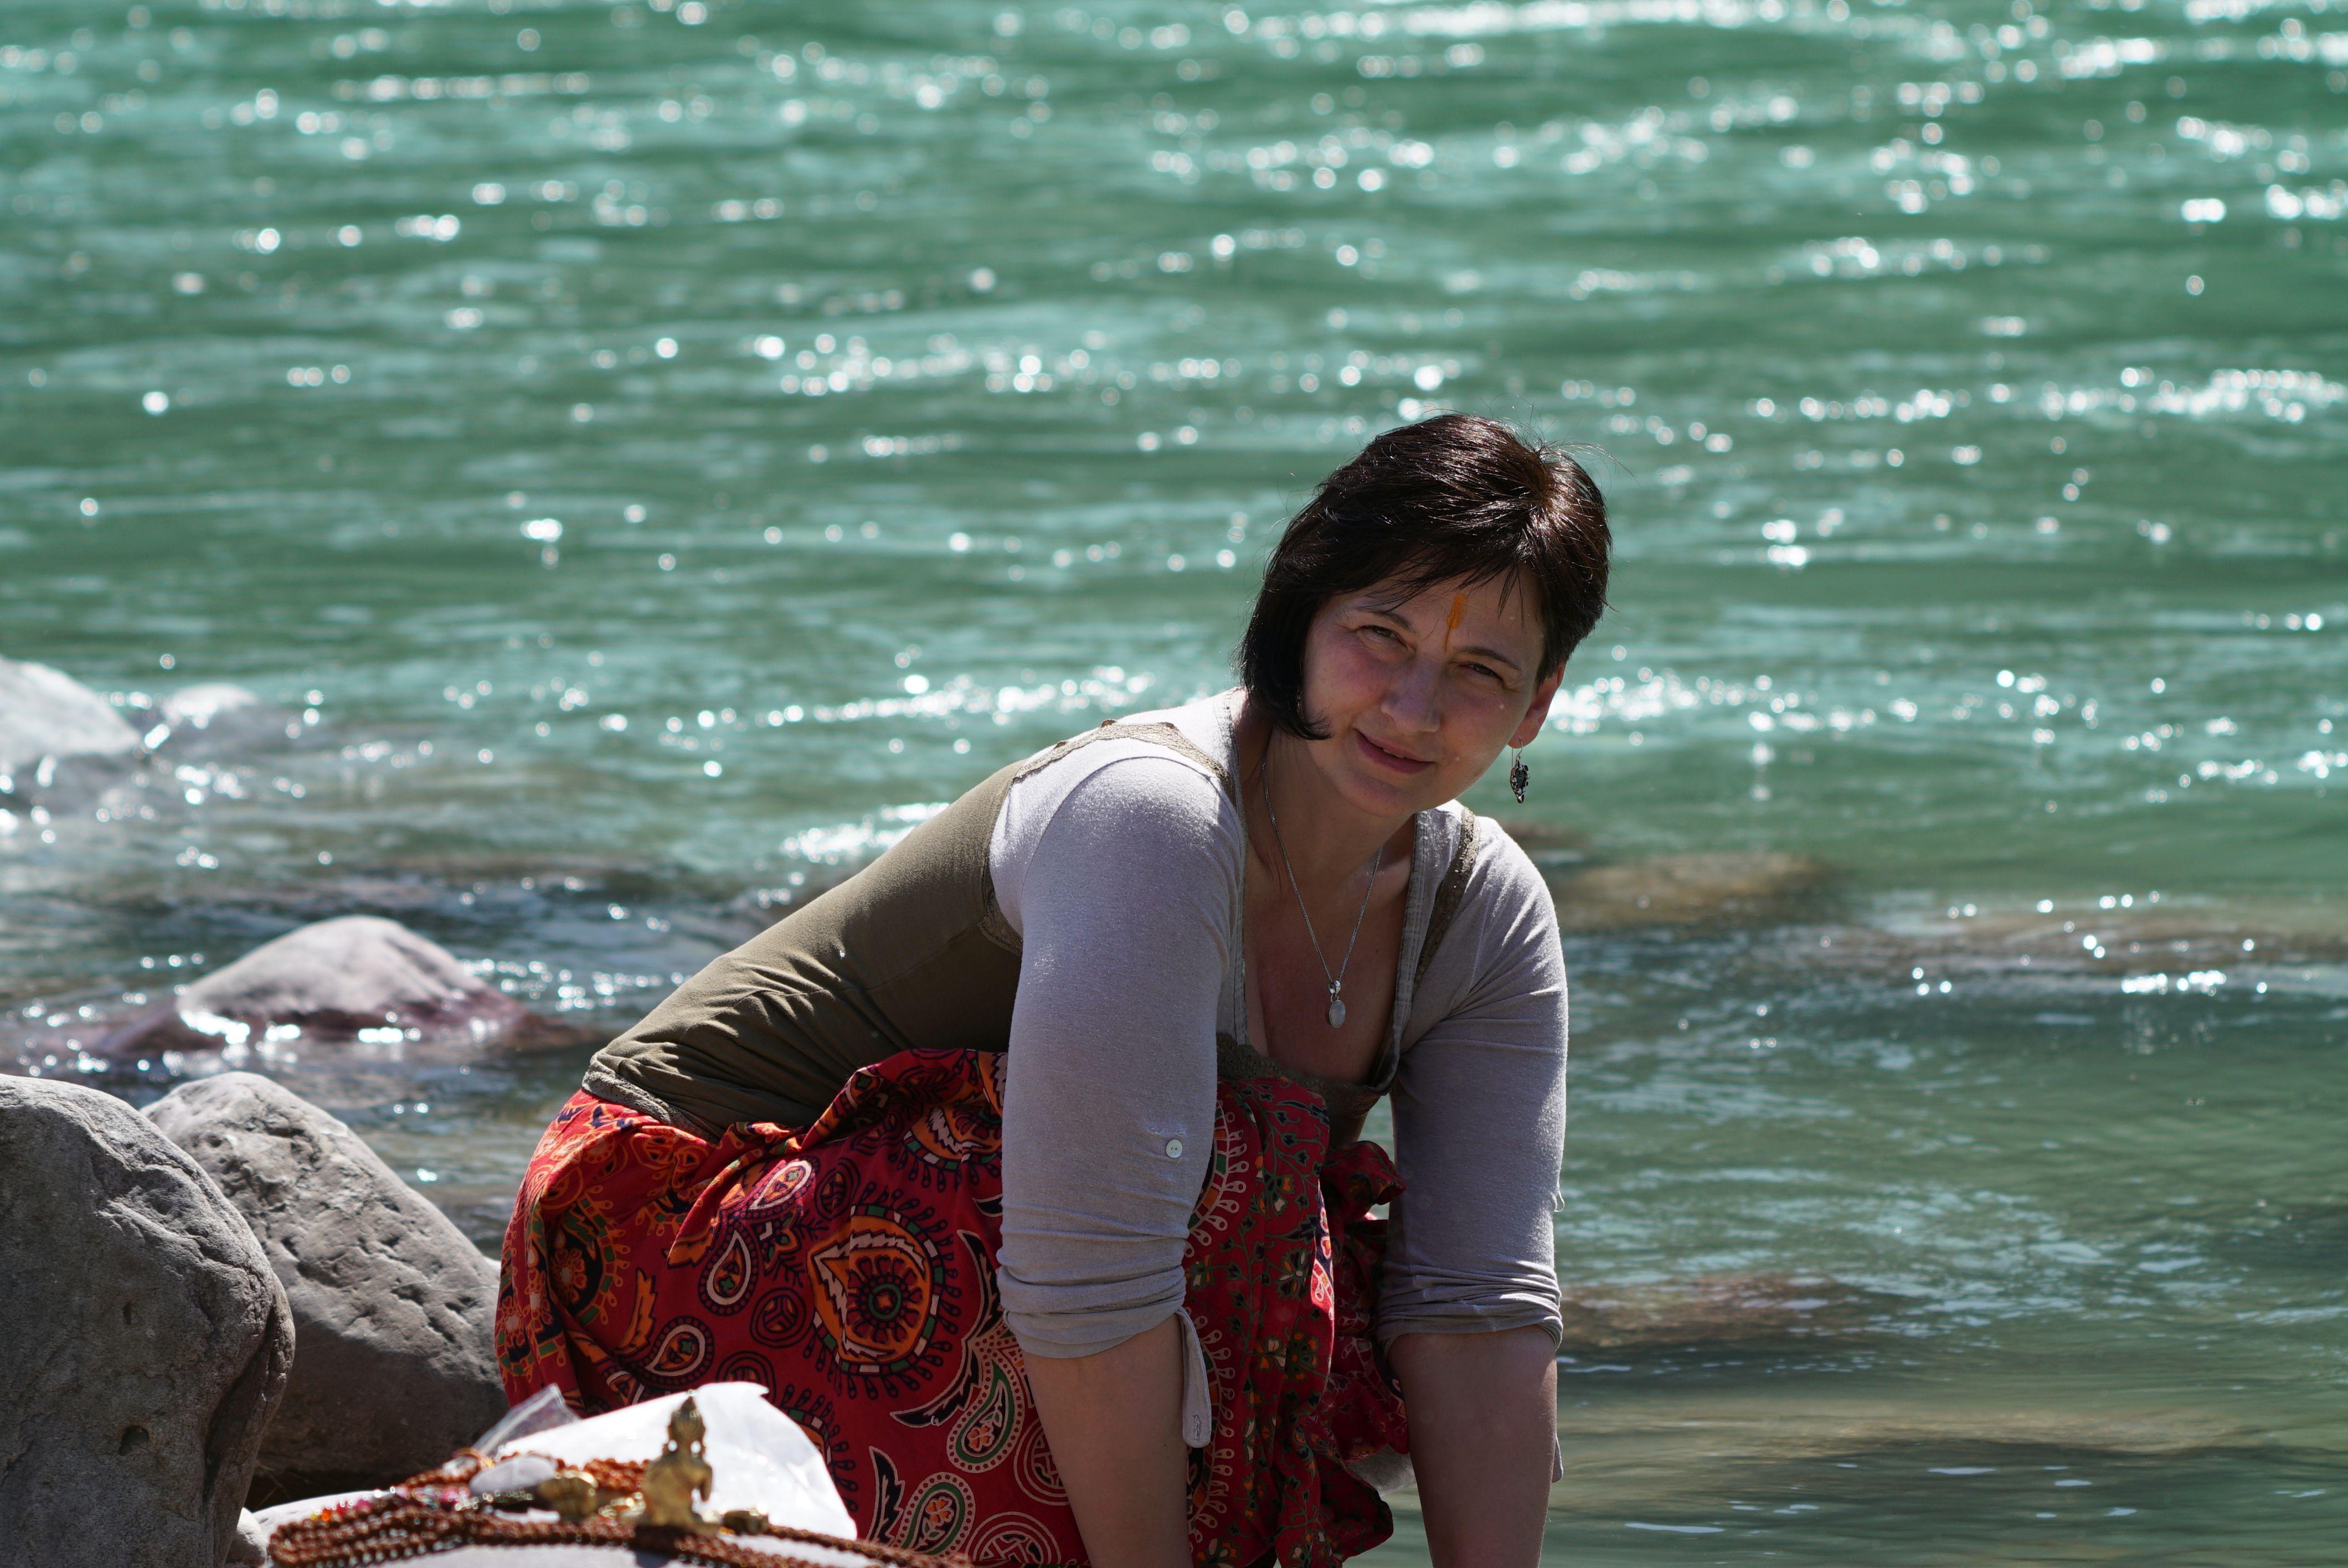 Ami megy, engedem, ami jön, fogadom: tavaszi nagytakarítás a jógában